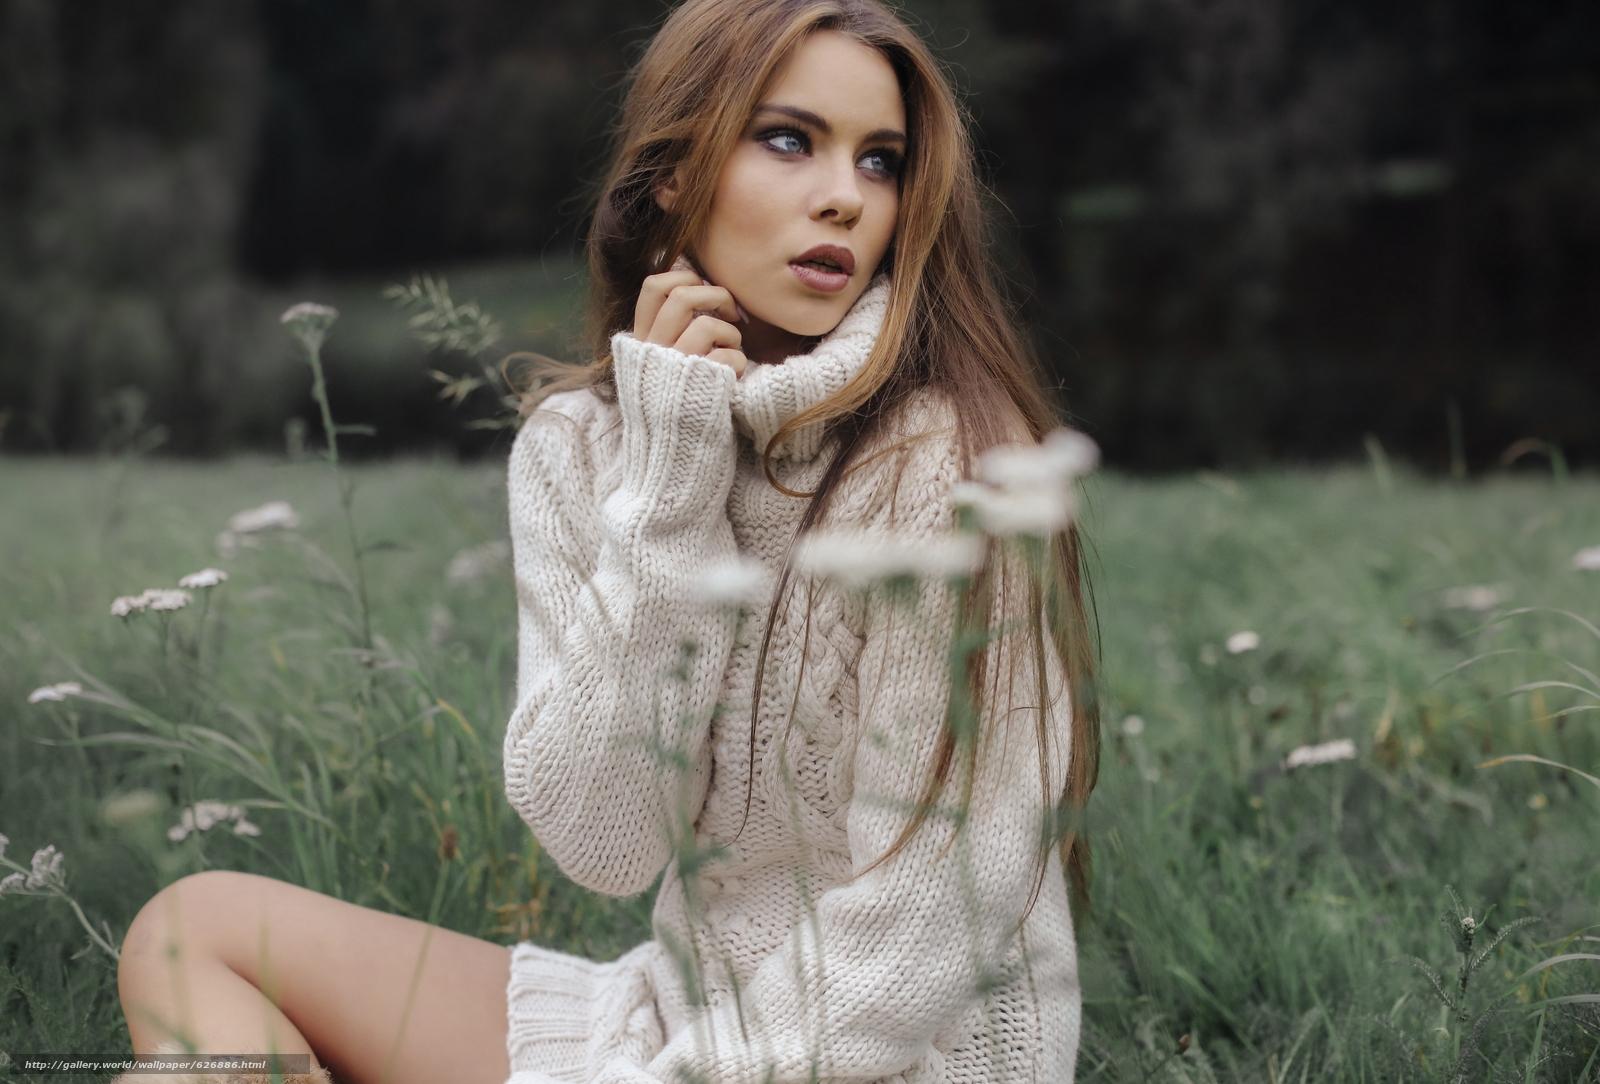 Скачать обои Tiziana Di Garbo,  модель,  свитер,  луг бесплатно для рабочего стола в разрешении 3600x2439 — картинка №626886